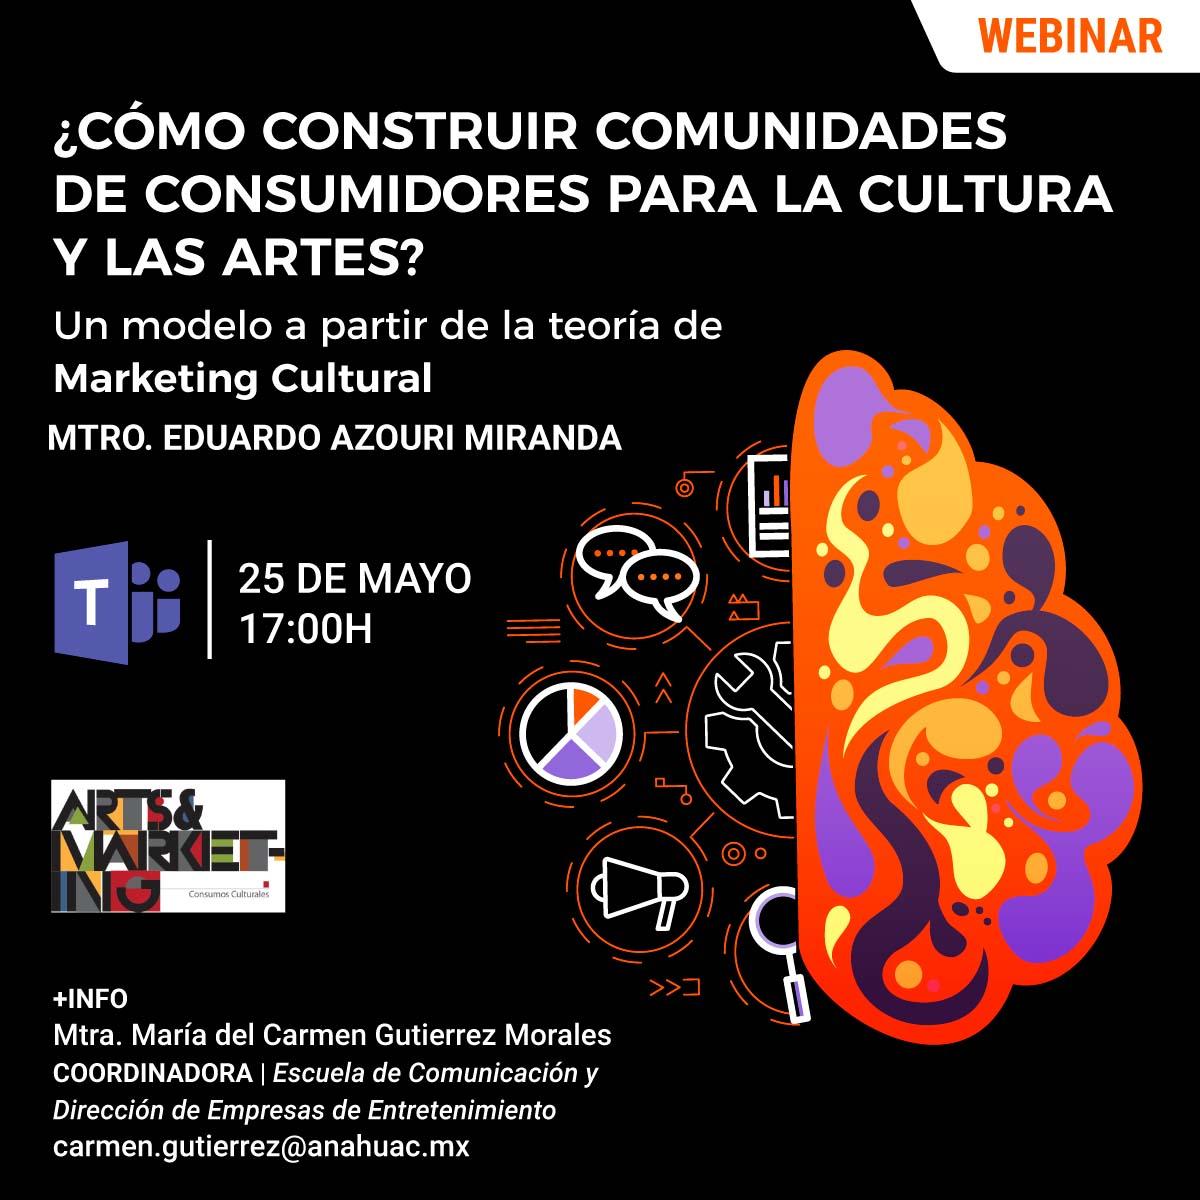 ¿Cómo Construir Comunidades de Consumidores para la Cultura y las Artes?